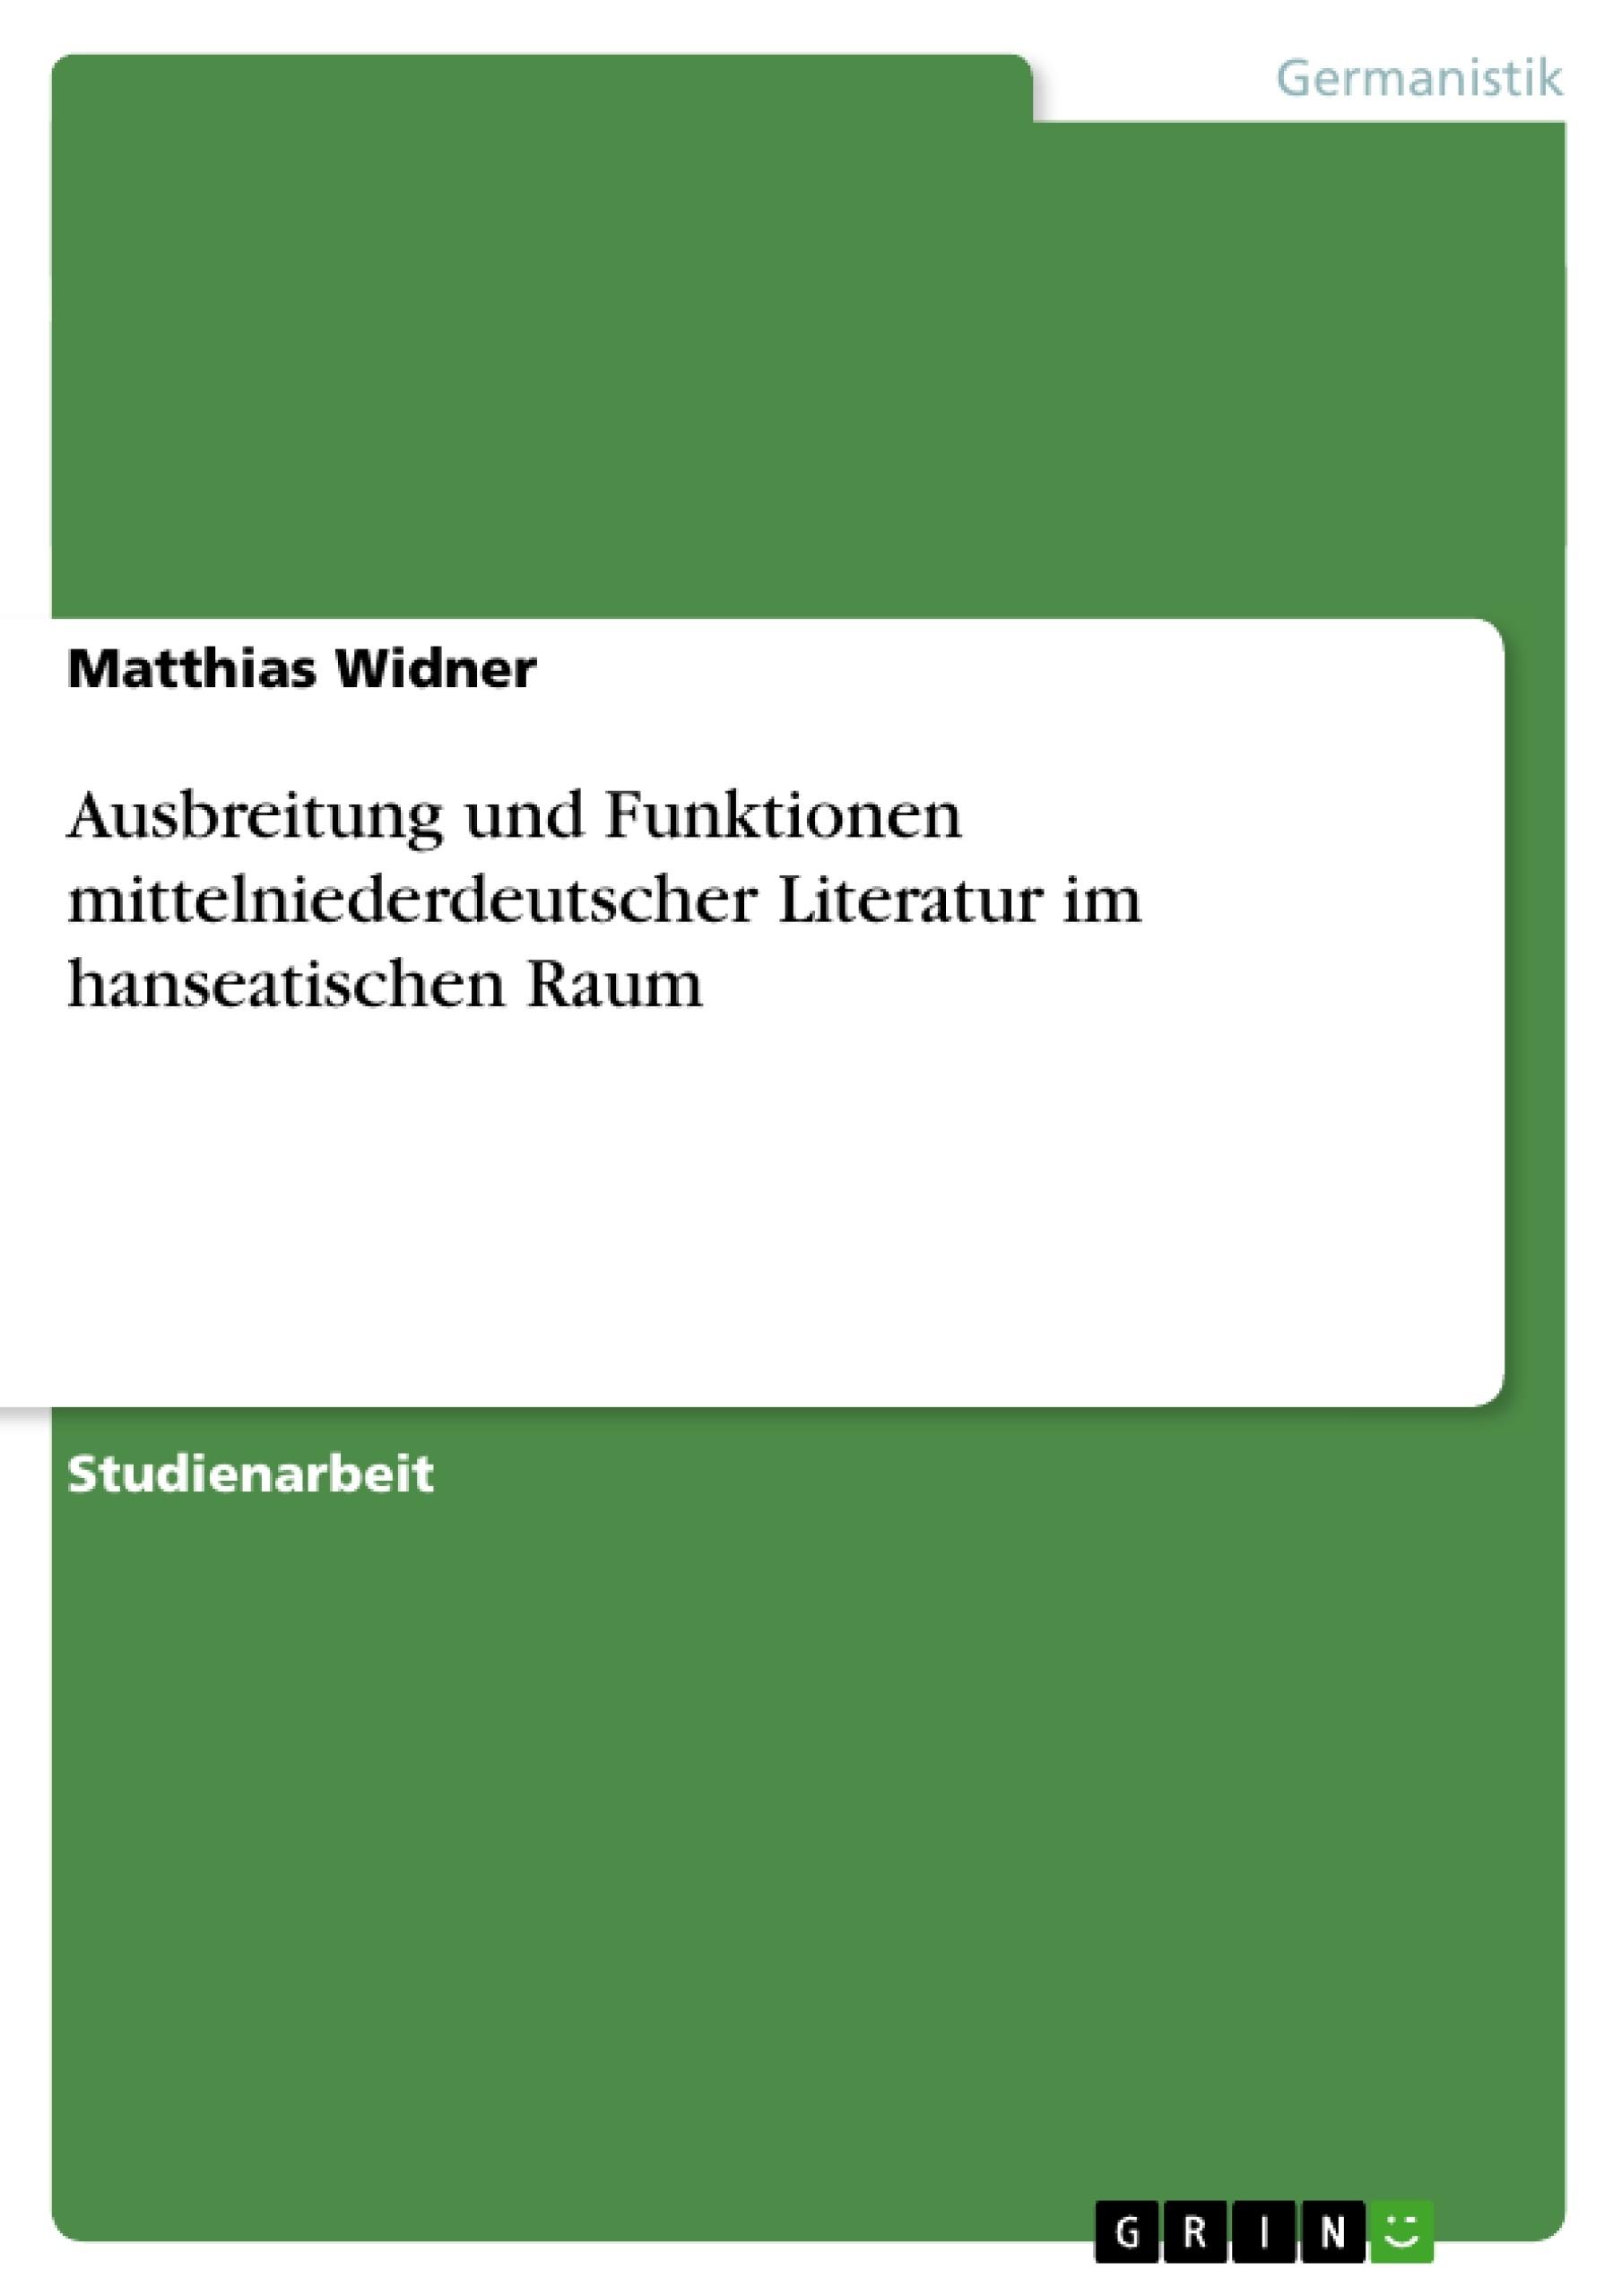 Titel: Ausbreitung und Funktionen mittelniederdeutscher Literatur im hanseatischen Raum